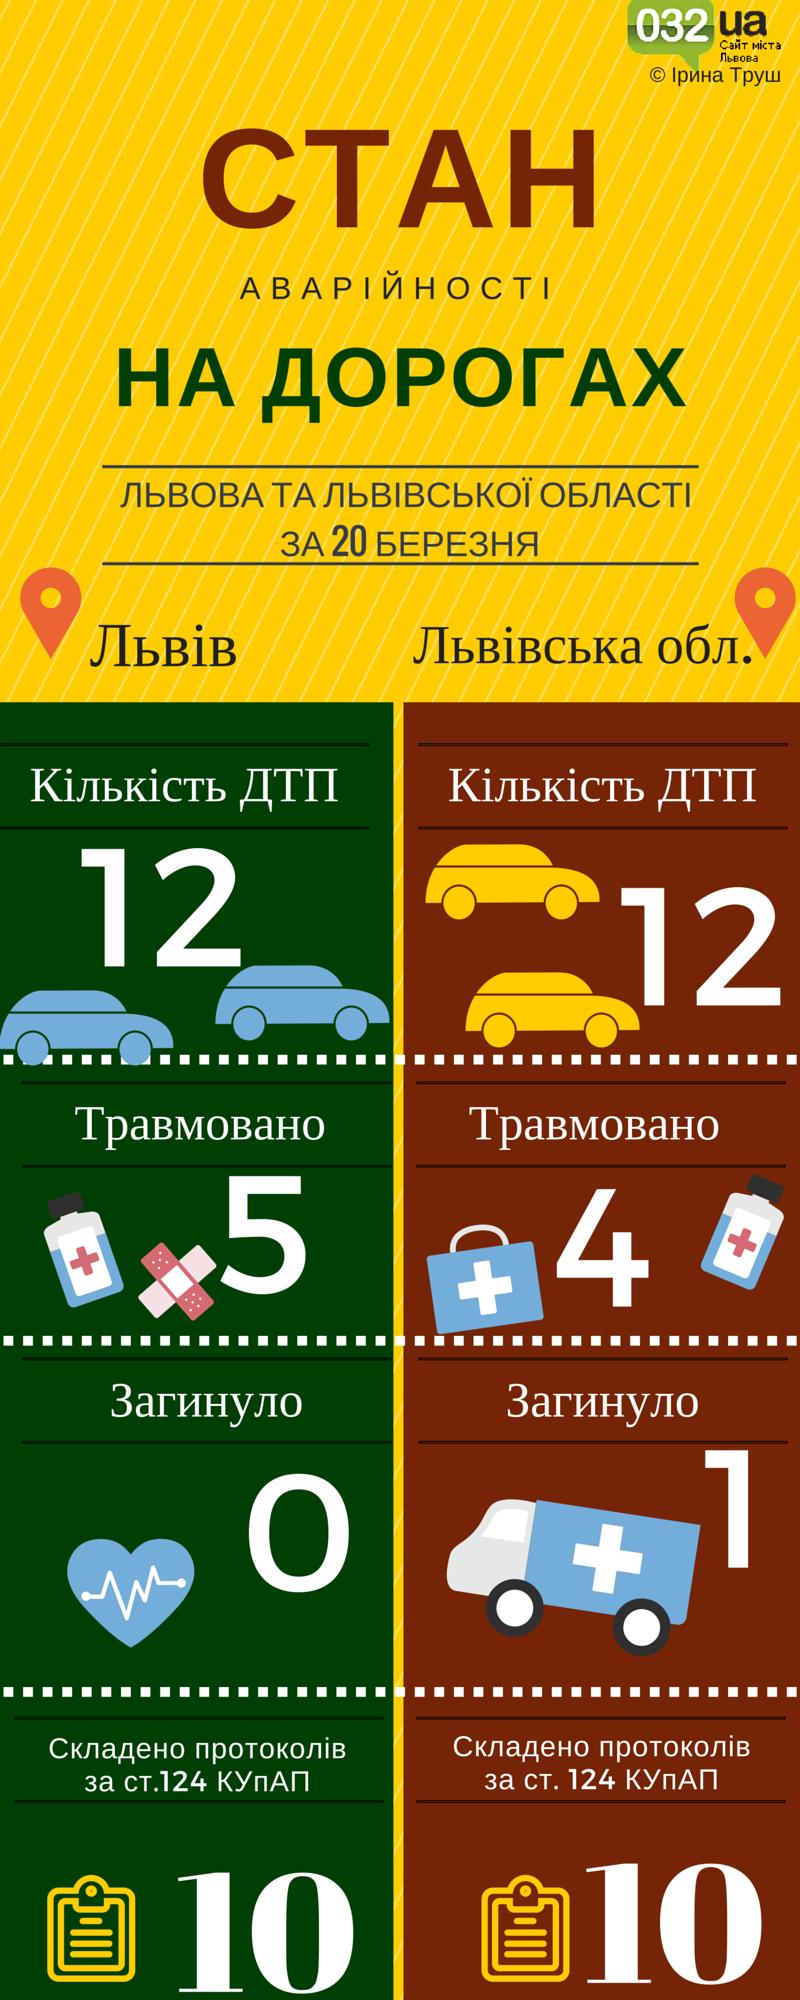 Львів. Стан аварійності на дорогах (3)